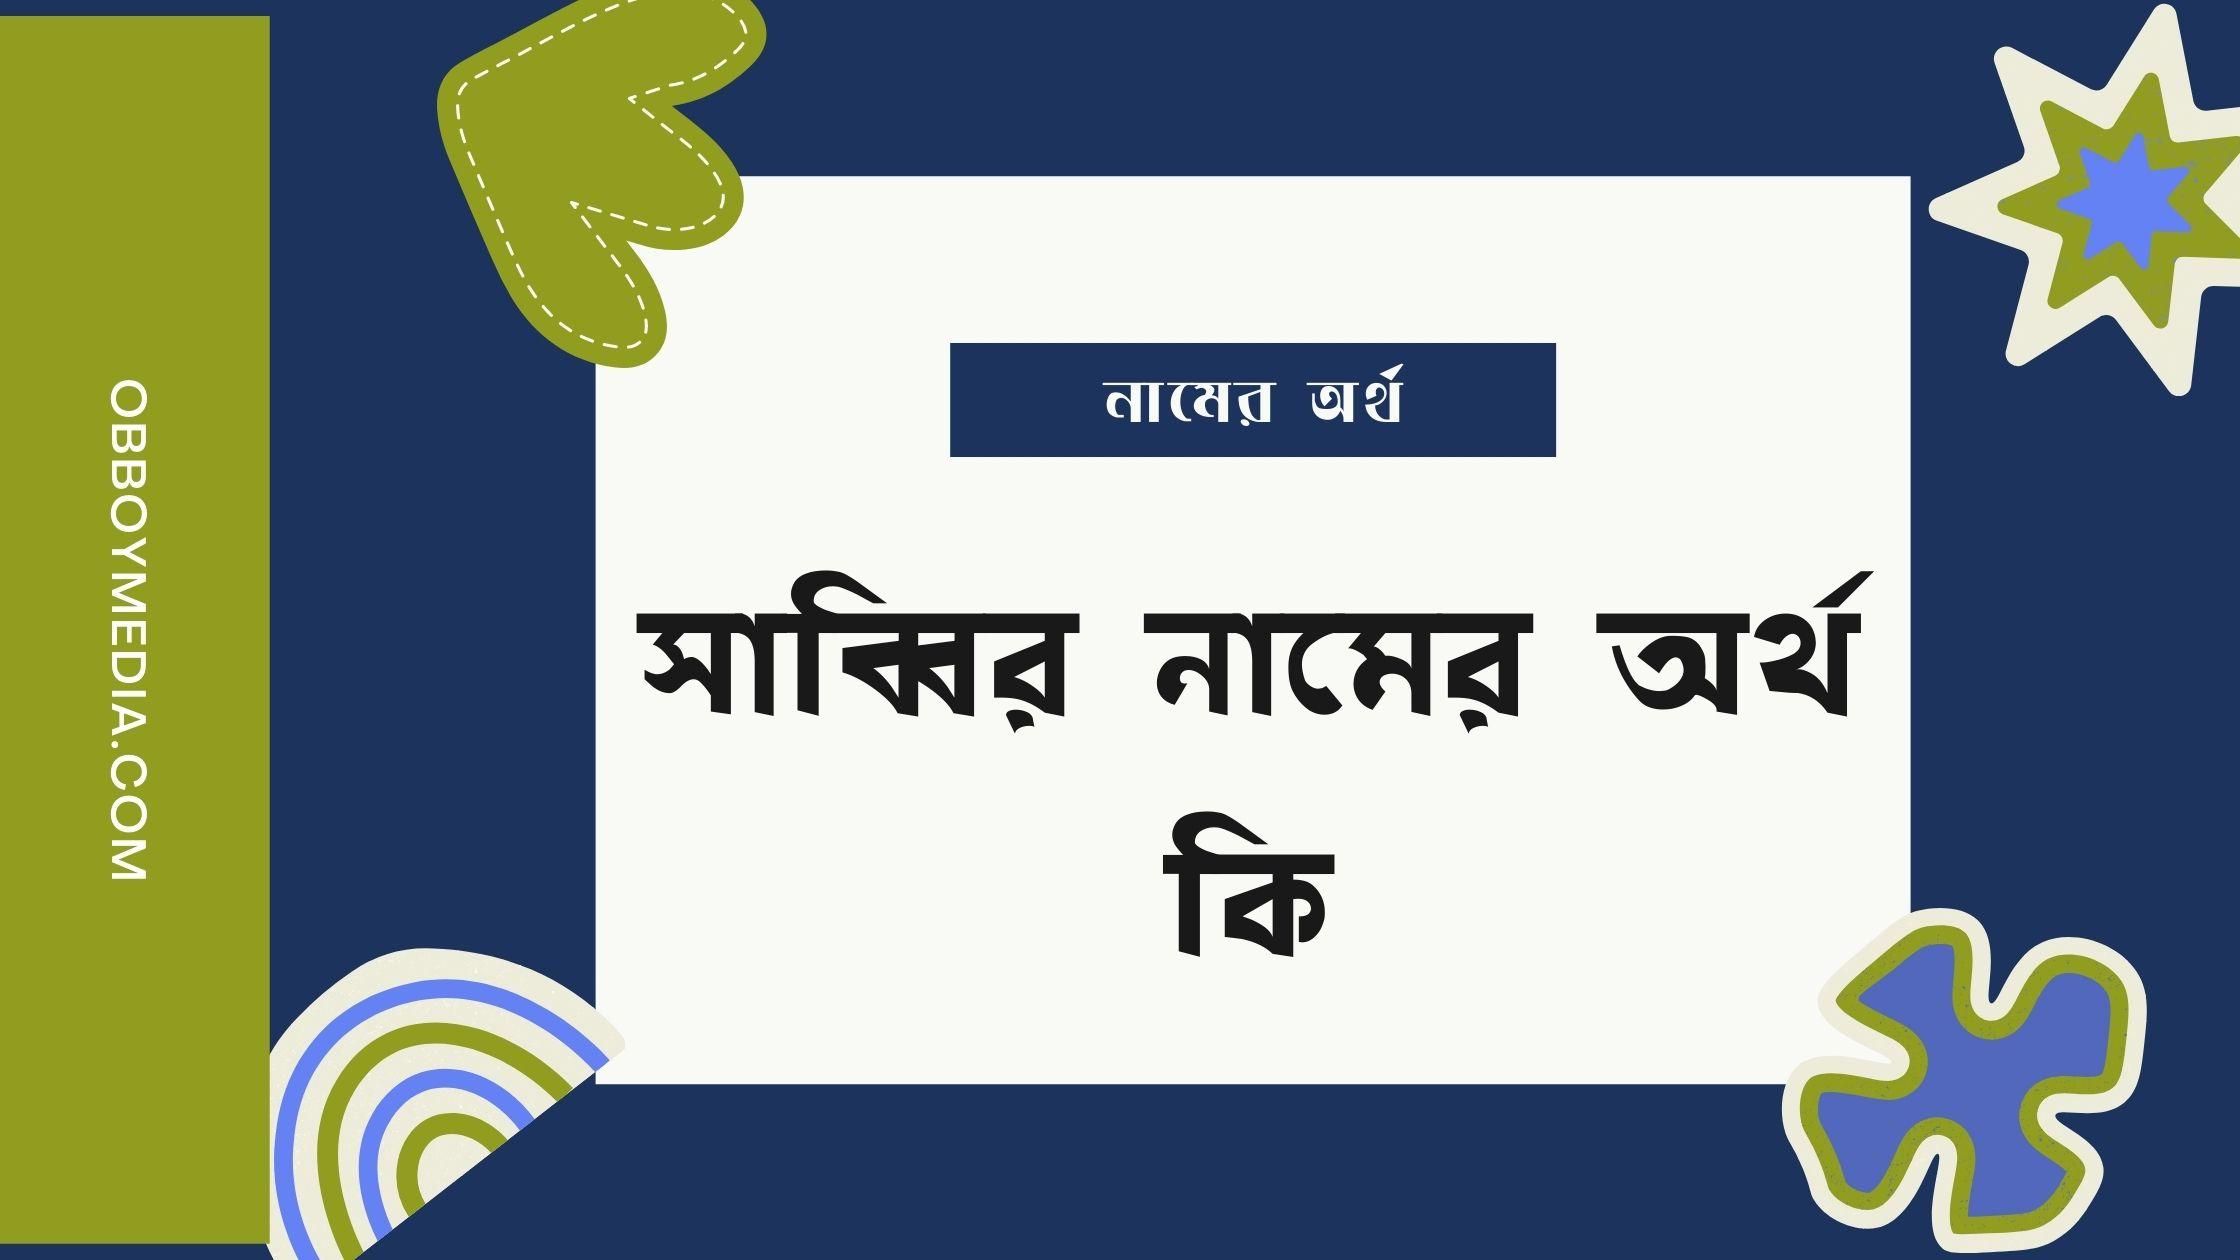 সাব্বির নামের অর্থ কি - sabbir namer ortho ki